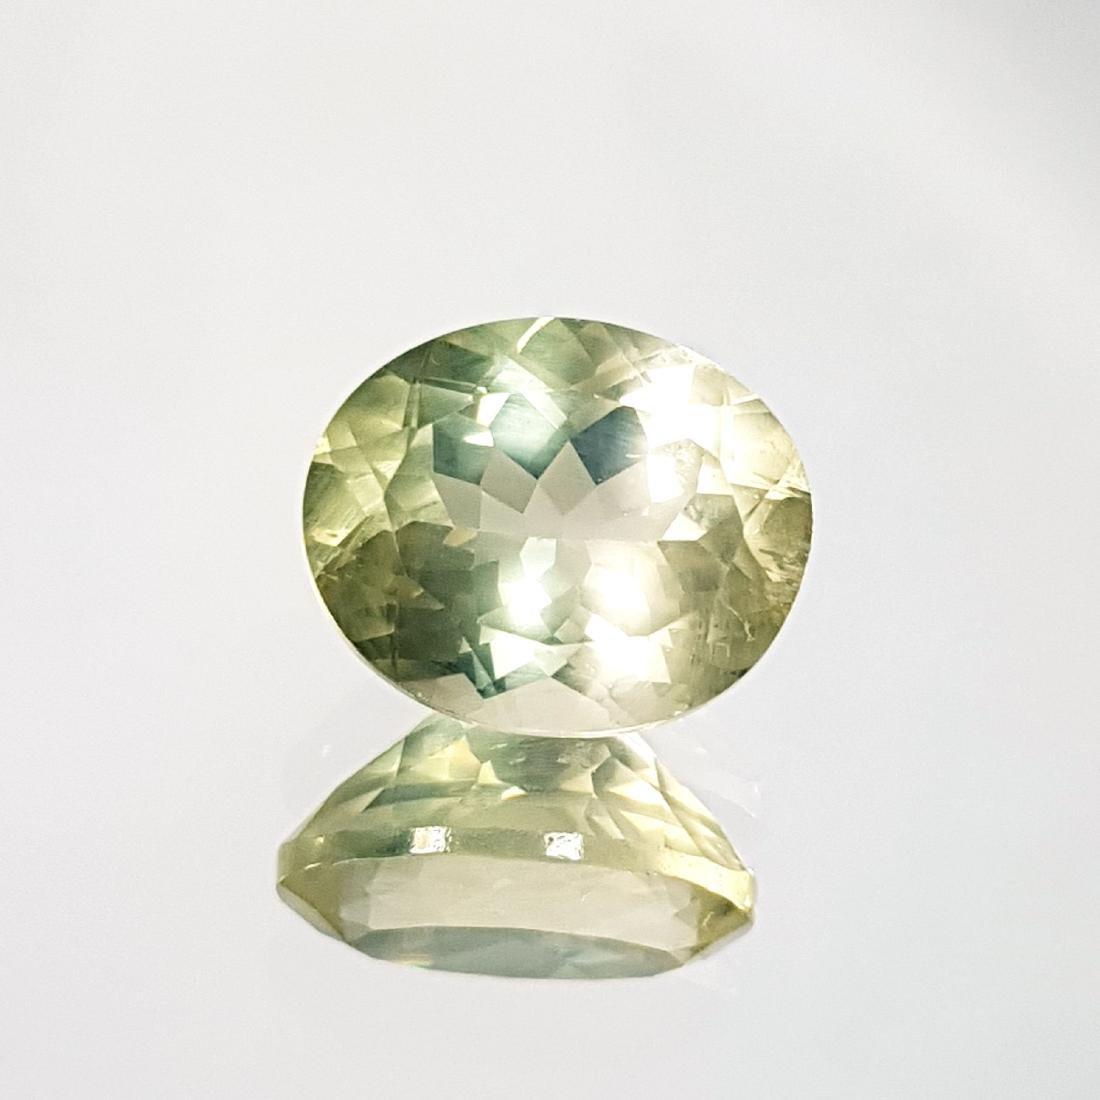 Natural Scapolite - 3.65